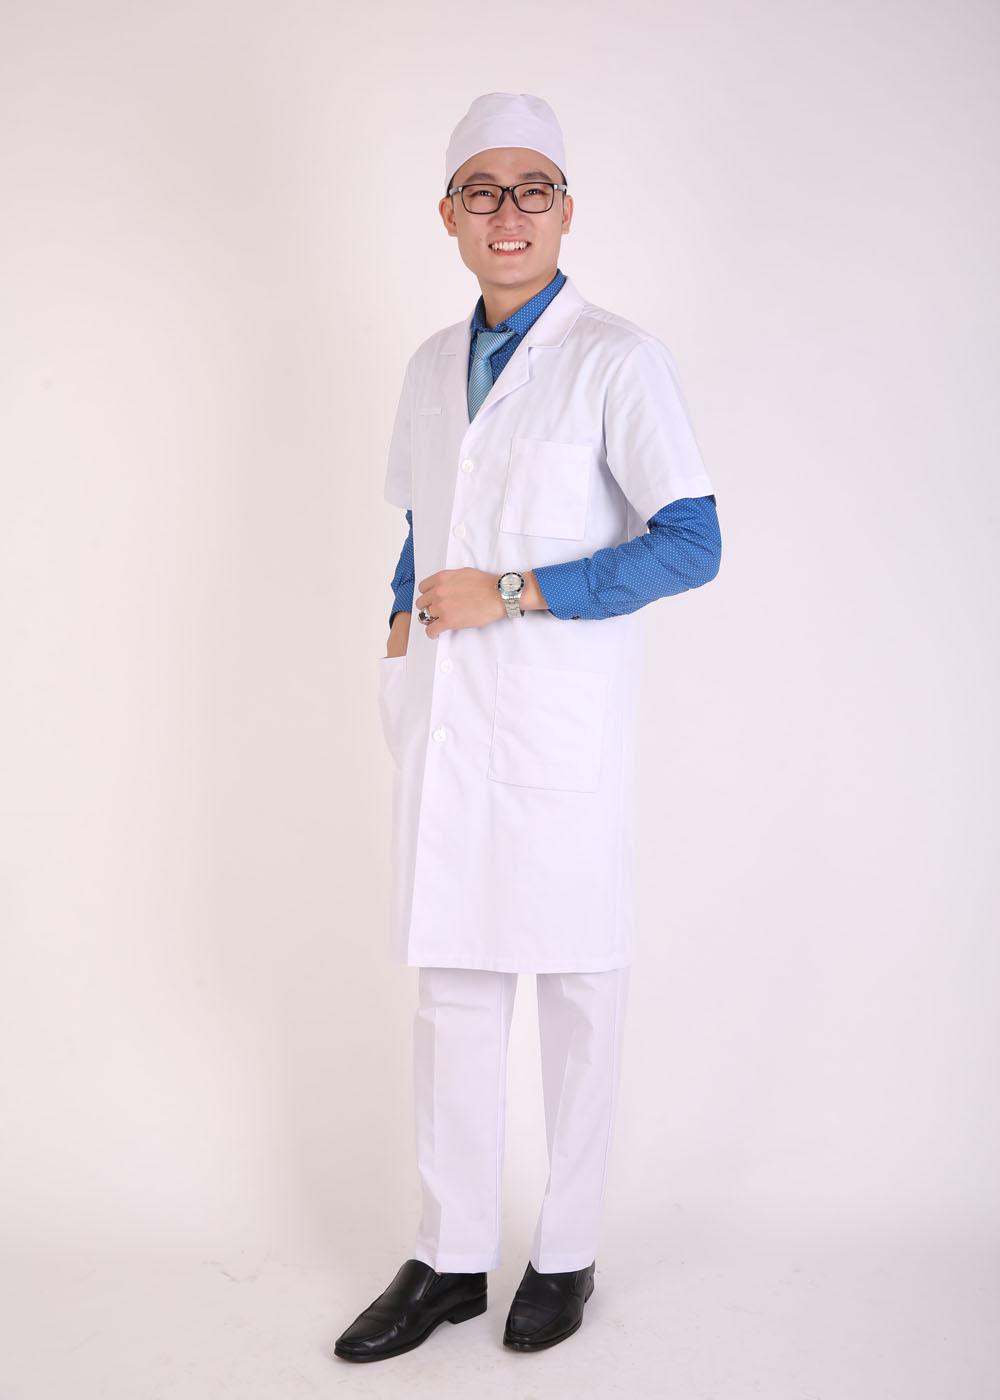 Áo bác sĩ nam mẫu 003 cộc tay